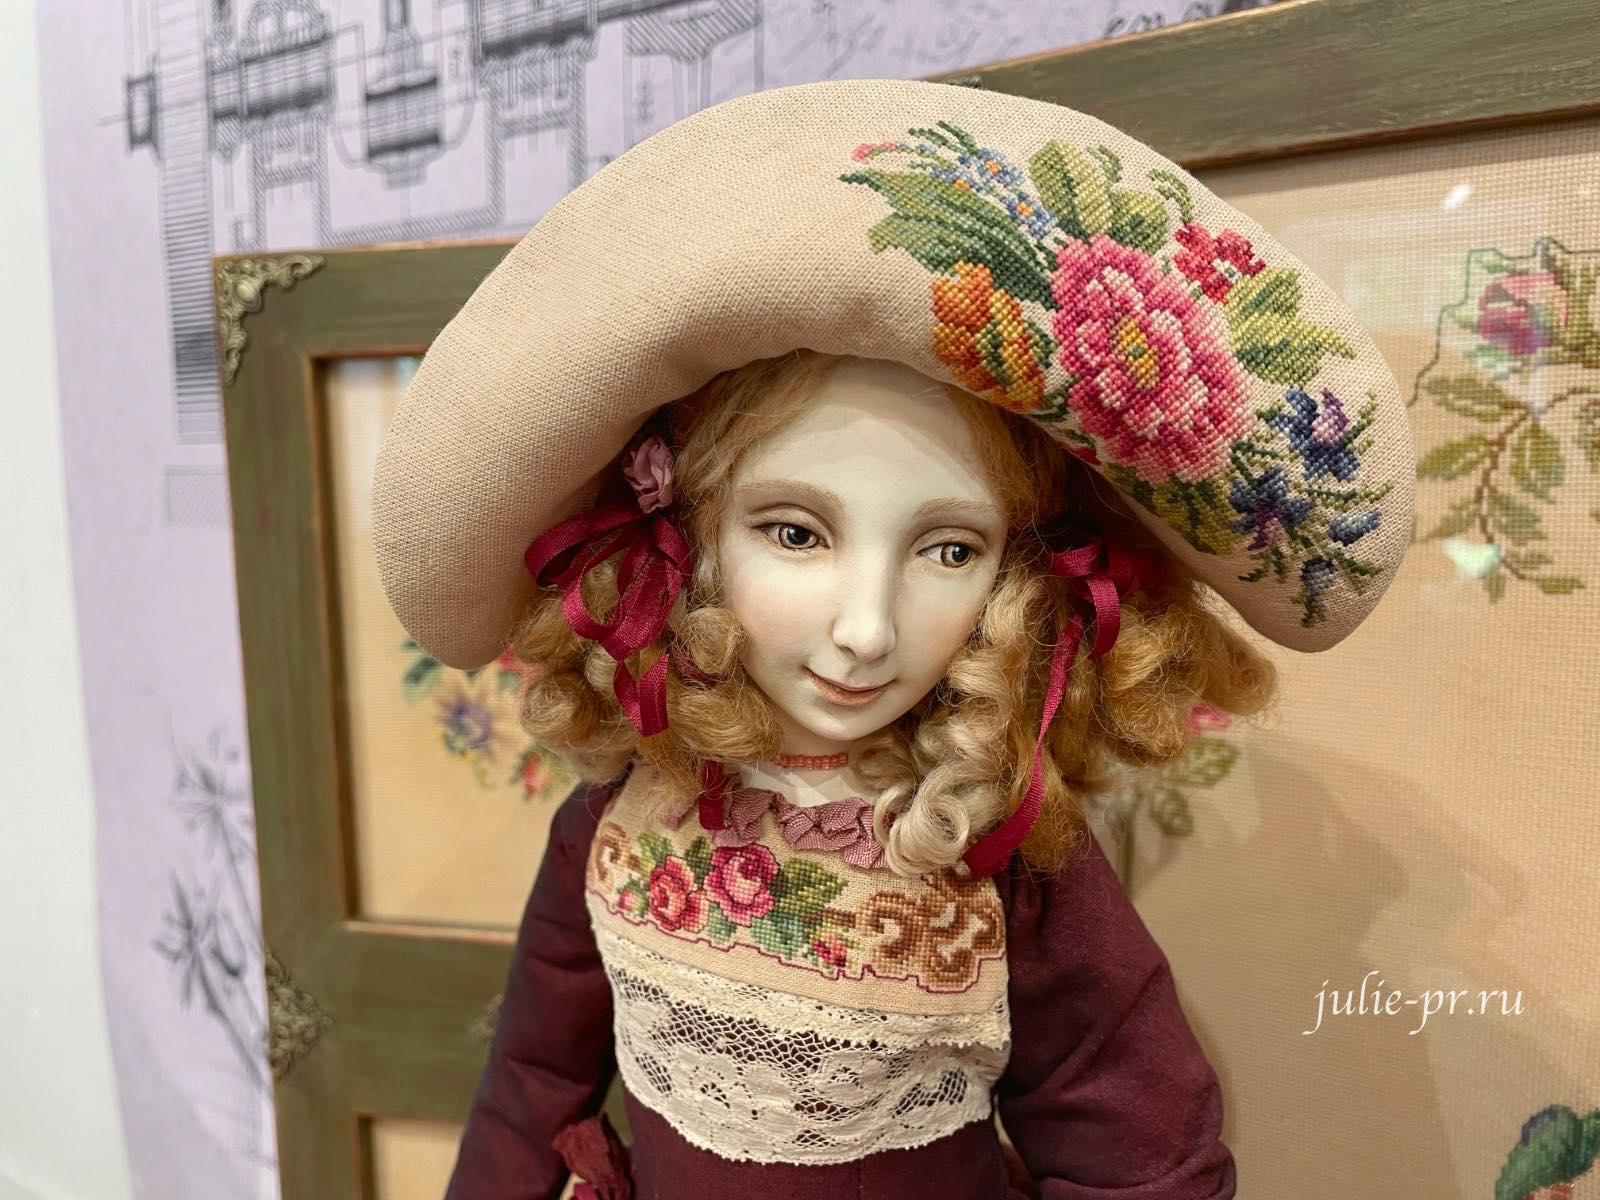 Выставка Кукловодство, кукла Мери, вышивка крестом, берлинская вышивка